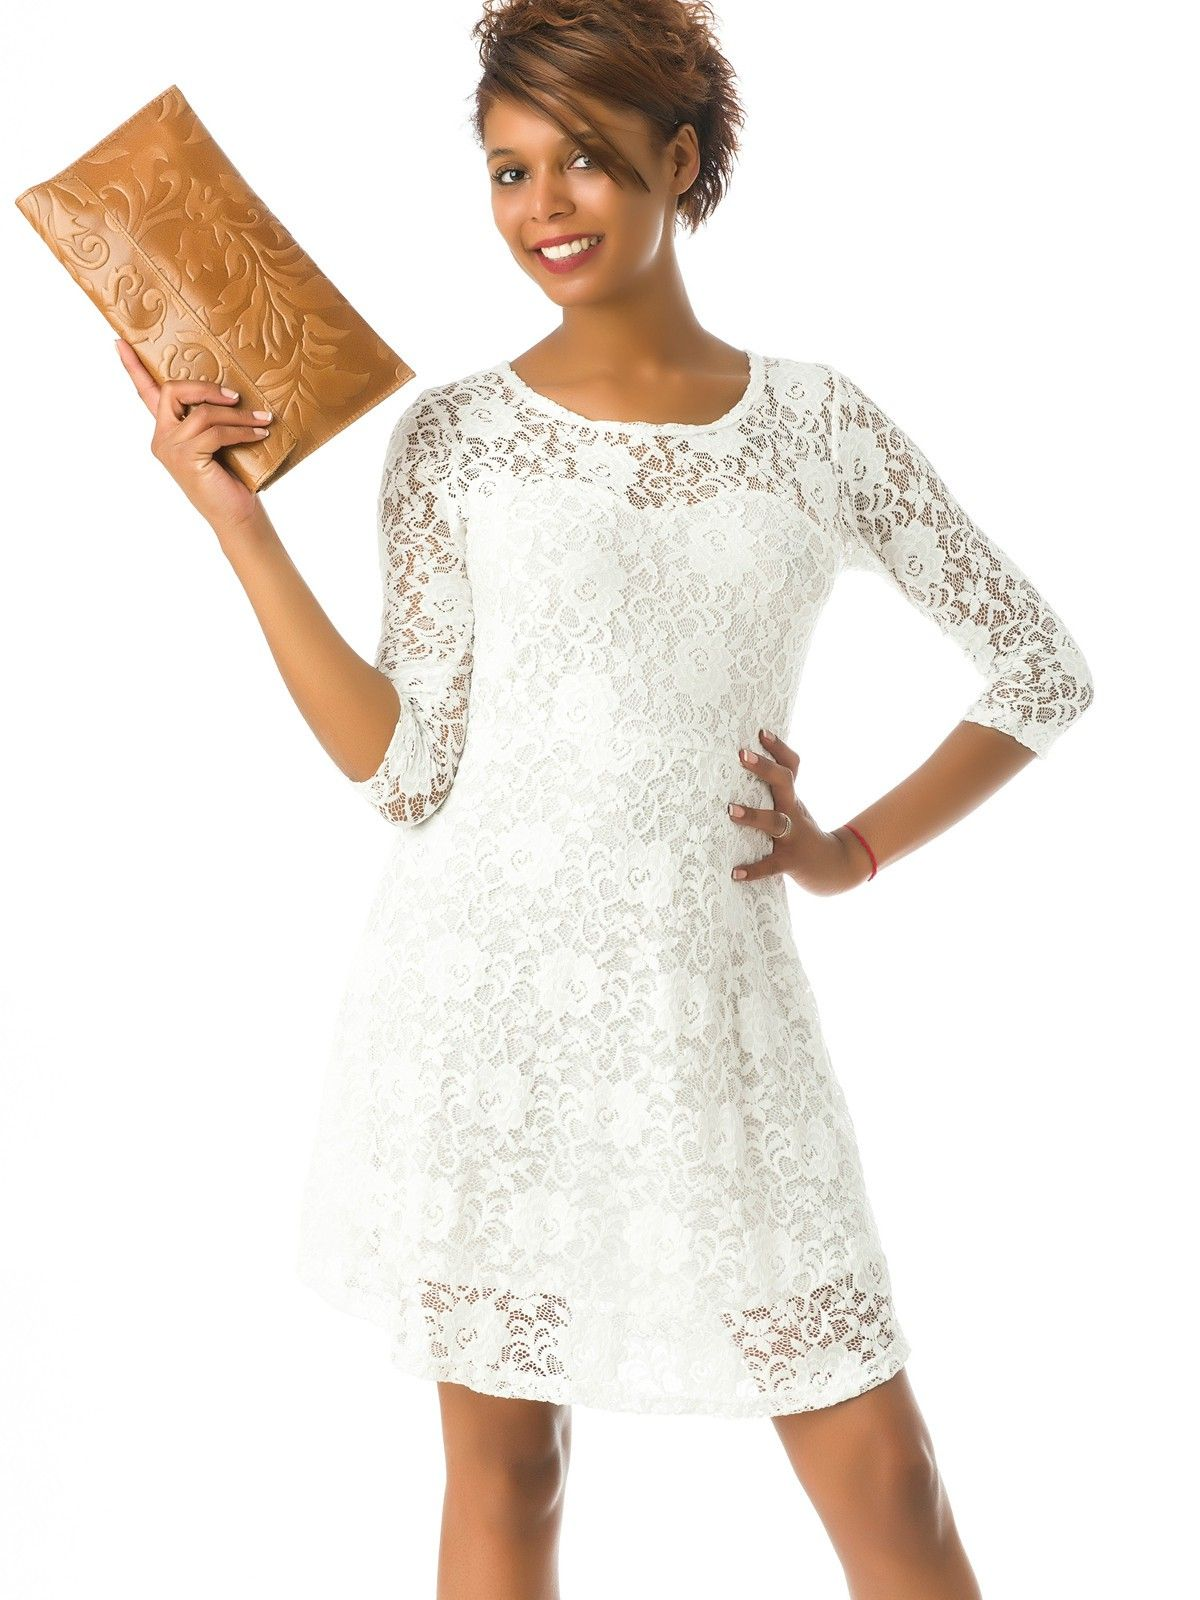 73d097ff5c Vestido Blanco con Encaje MS1716. Vestido Blanco con Encaje MS1716 Vestidos  ...